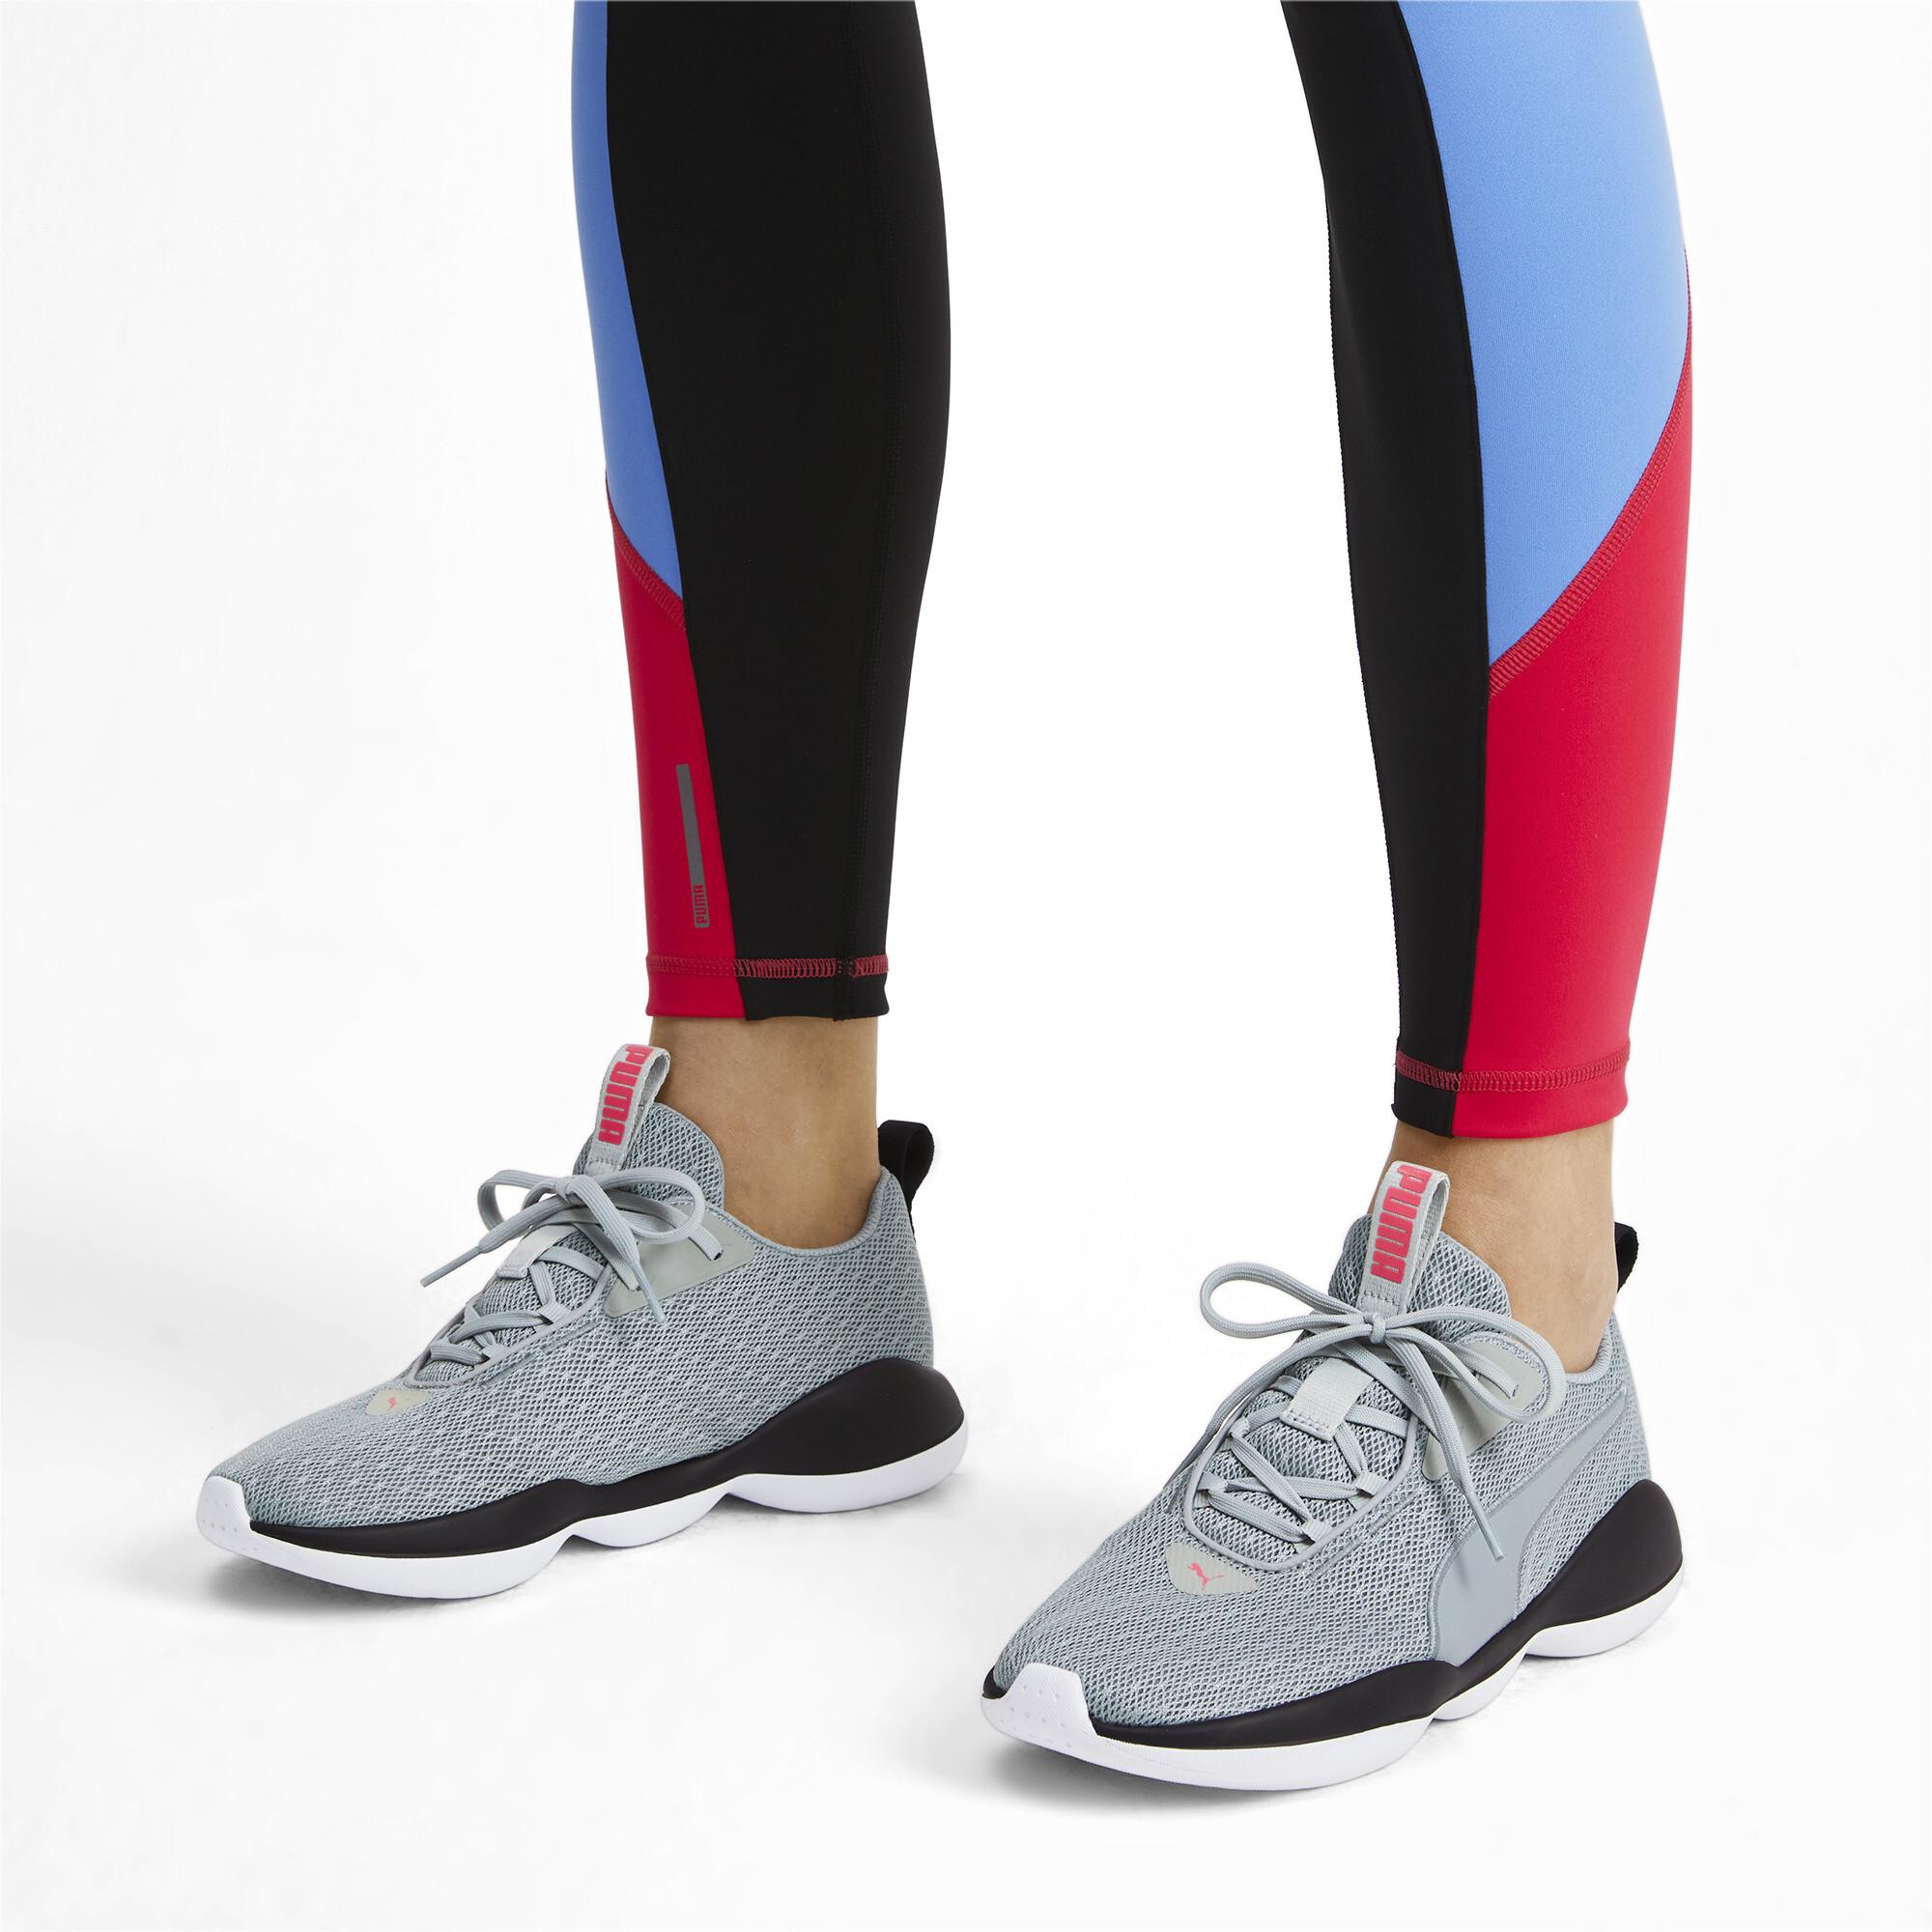 PUMA-Flourish-FS-Women-039-s-Training-Shoes-Women-Shoe-Training thumbnail 19